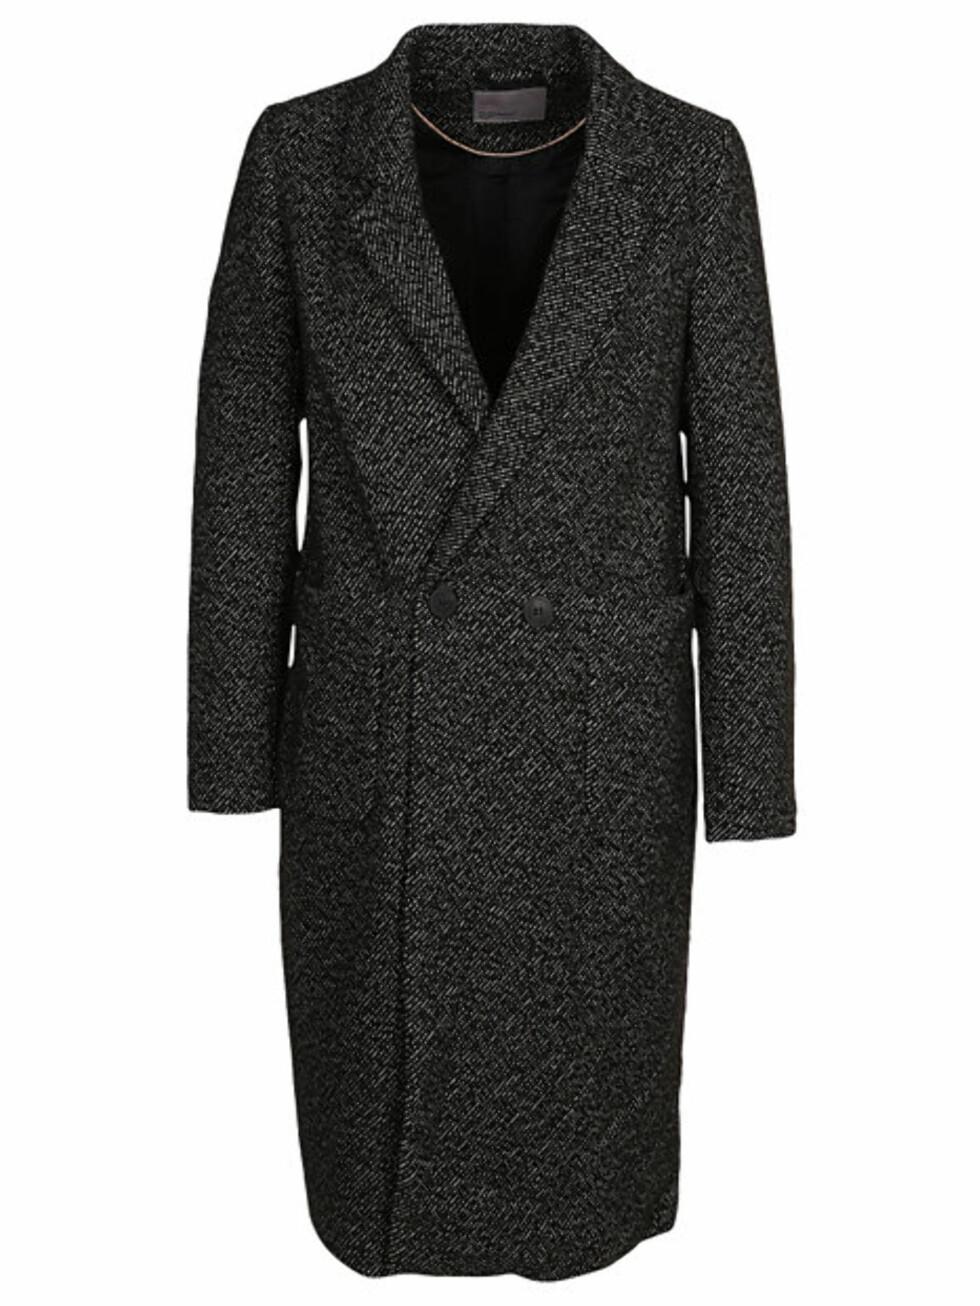 Kåpe fra Vero Moda via Nelly.com | kr 799 | http://nelly.com/no/kl%C3%A6r-til-kvinner/kl%C3%A6r/jakker/vero-moda-631/vmtyra-long-wool-jacket-30537-14/